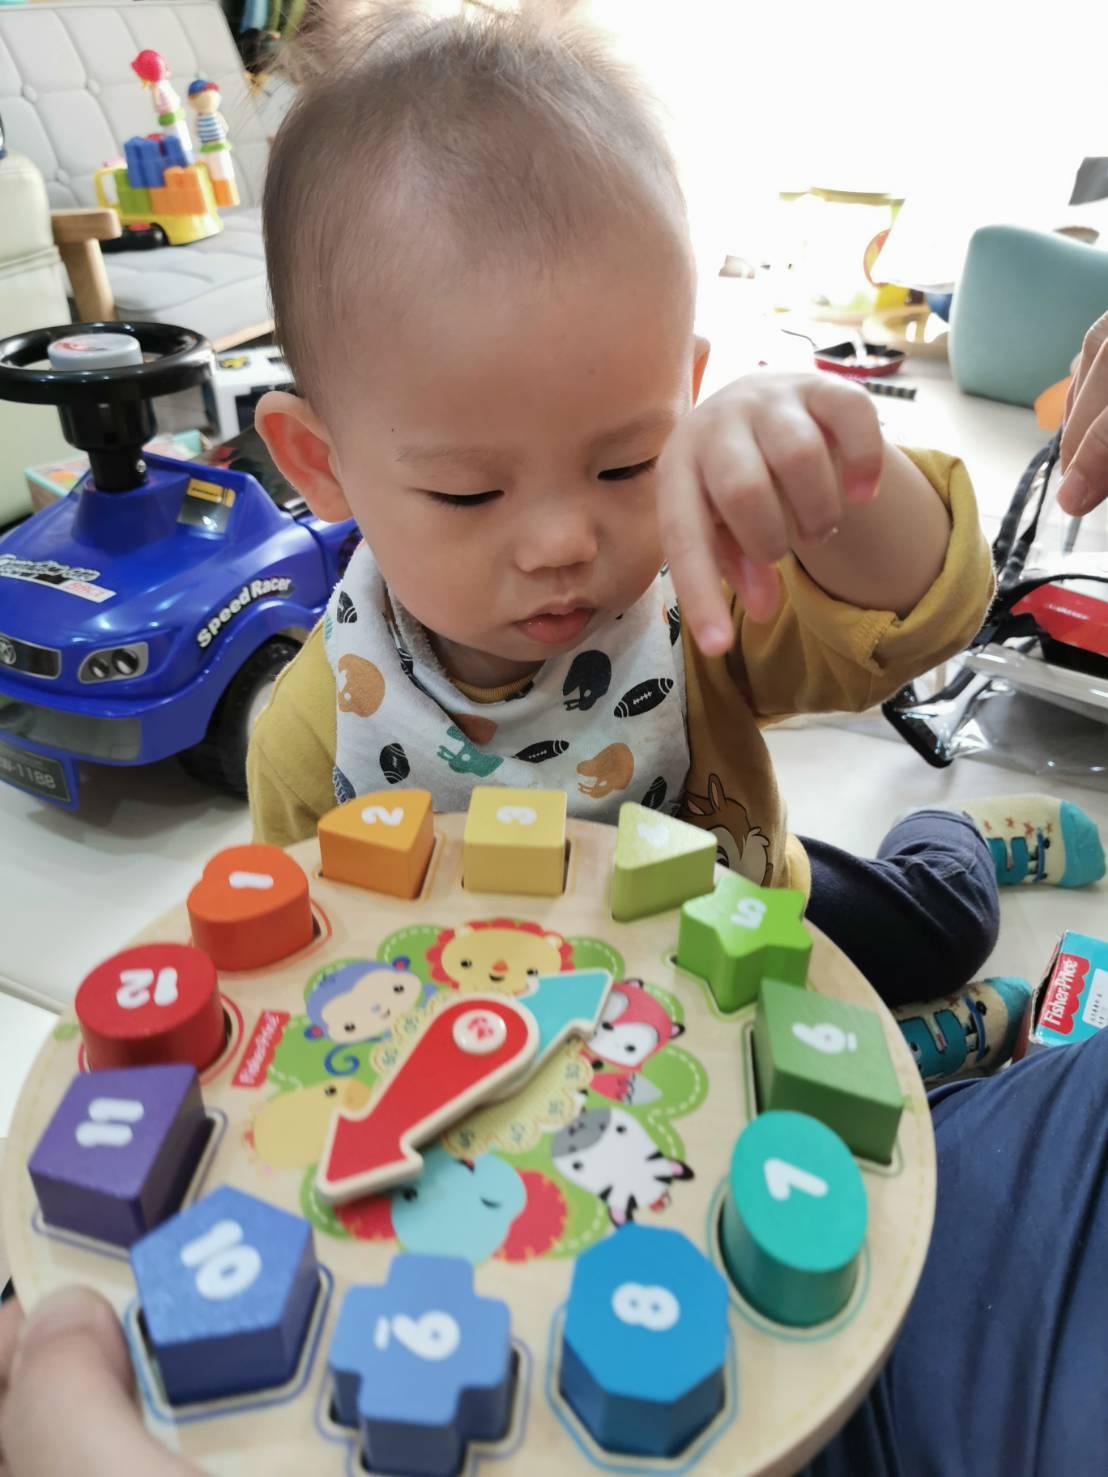 【育兒日記1y4m】如何引導寶寶說話,掌握9大關鍵,讓孩子在玩樂中學習開口 @小環妞 幸福足跡